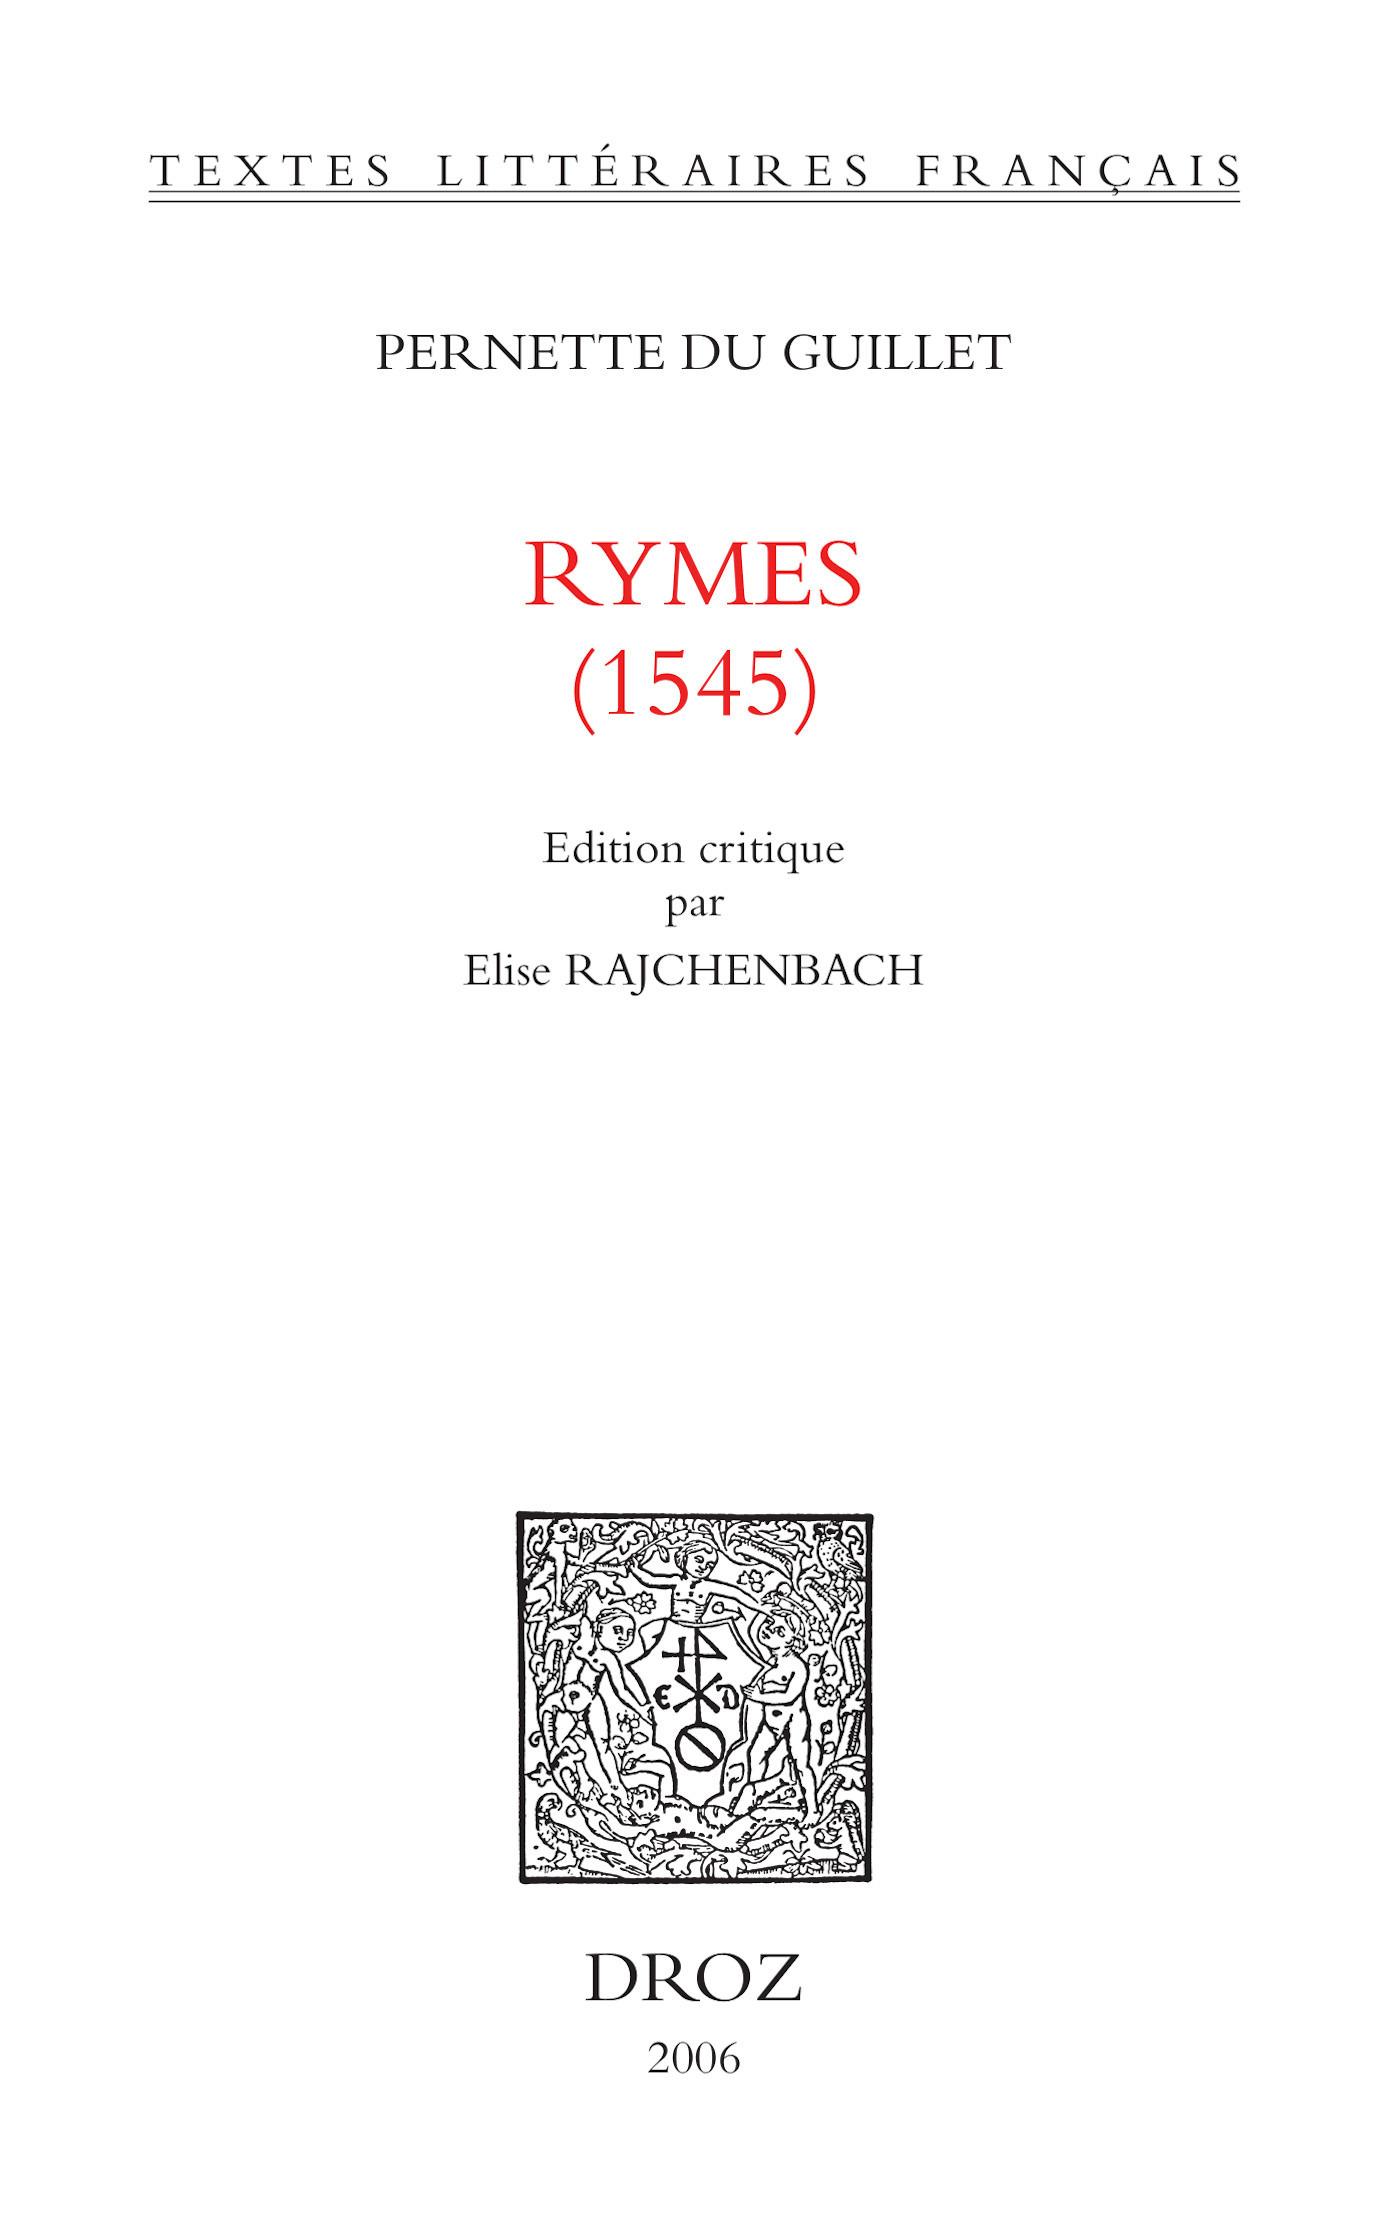 Rymes : 1545  - Pernette du Guillet